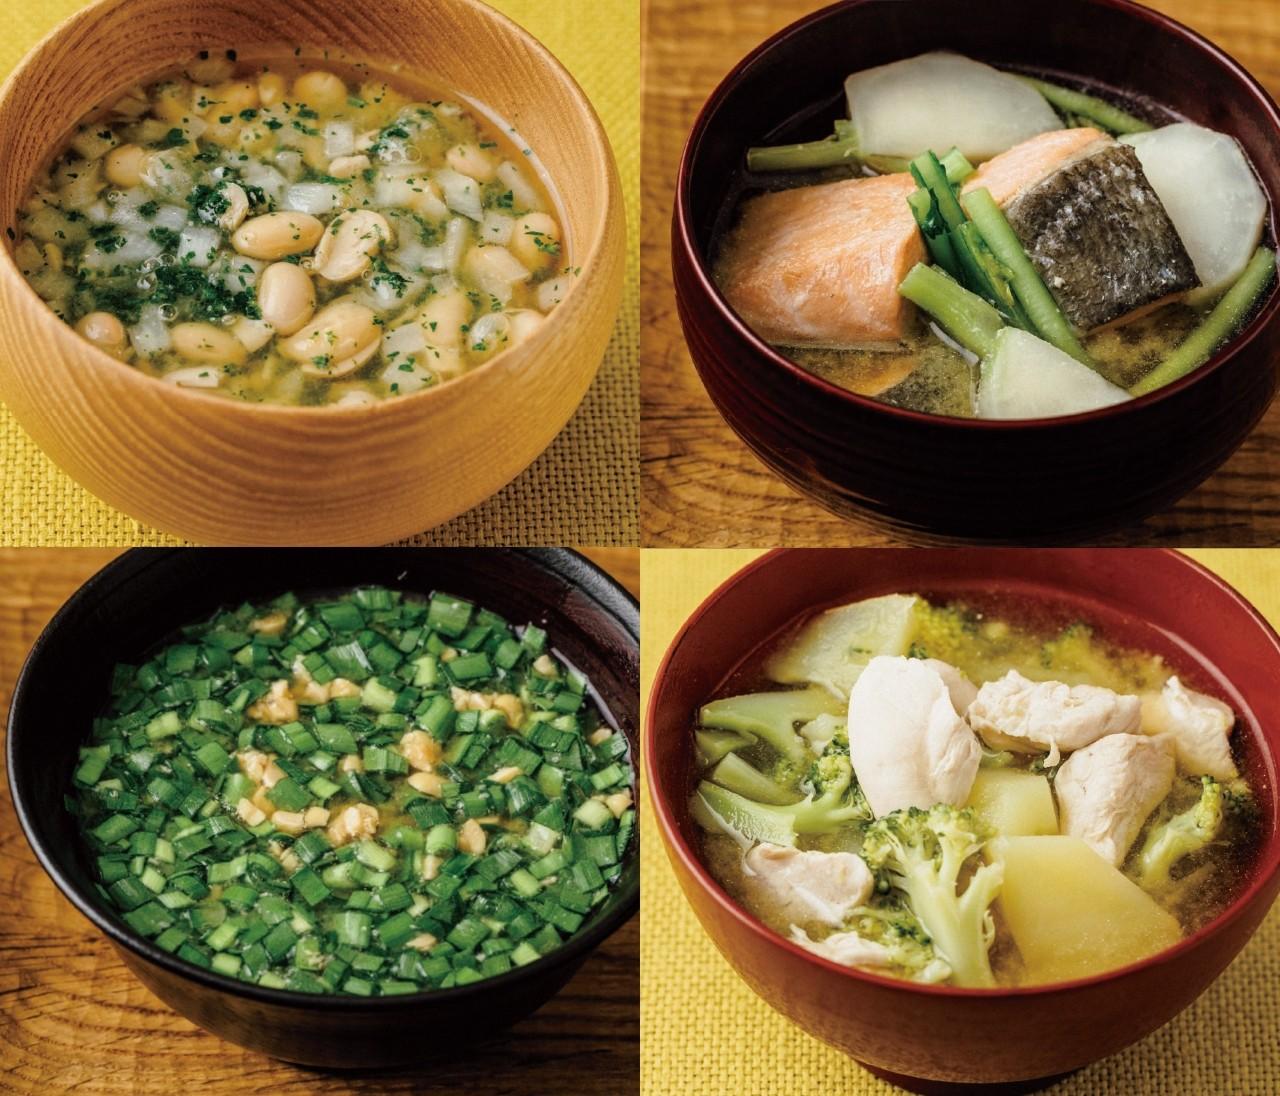 【みそ汁レシピ】ダイエットにも最適な<高タンパクみそ汁レシピ>4選